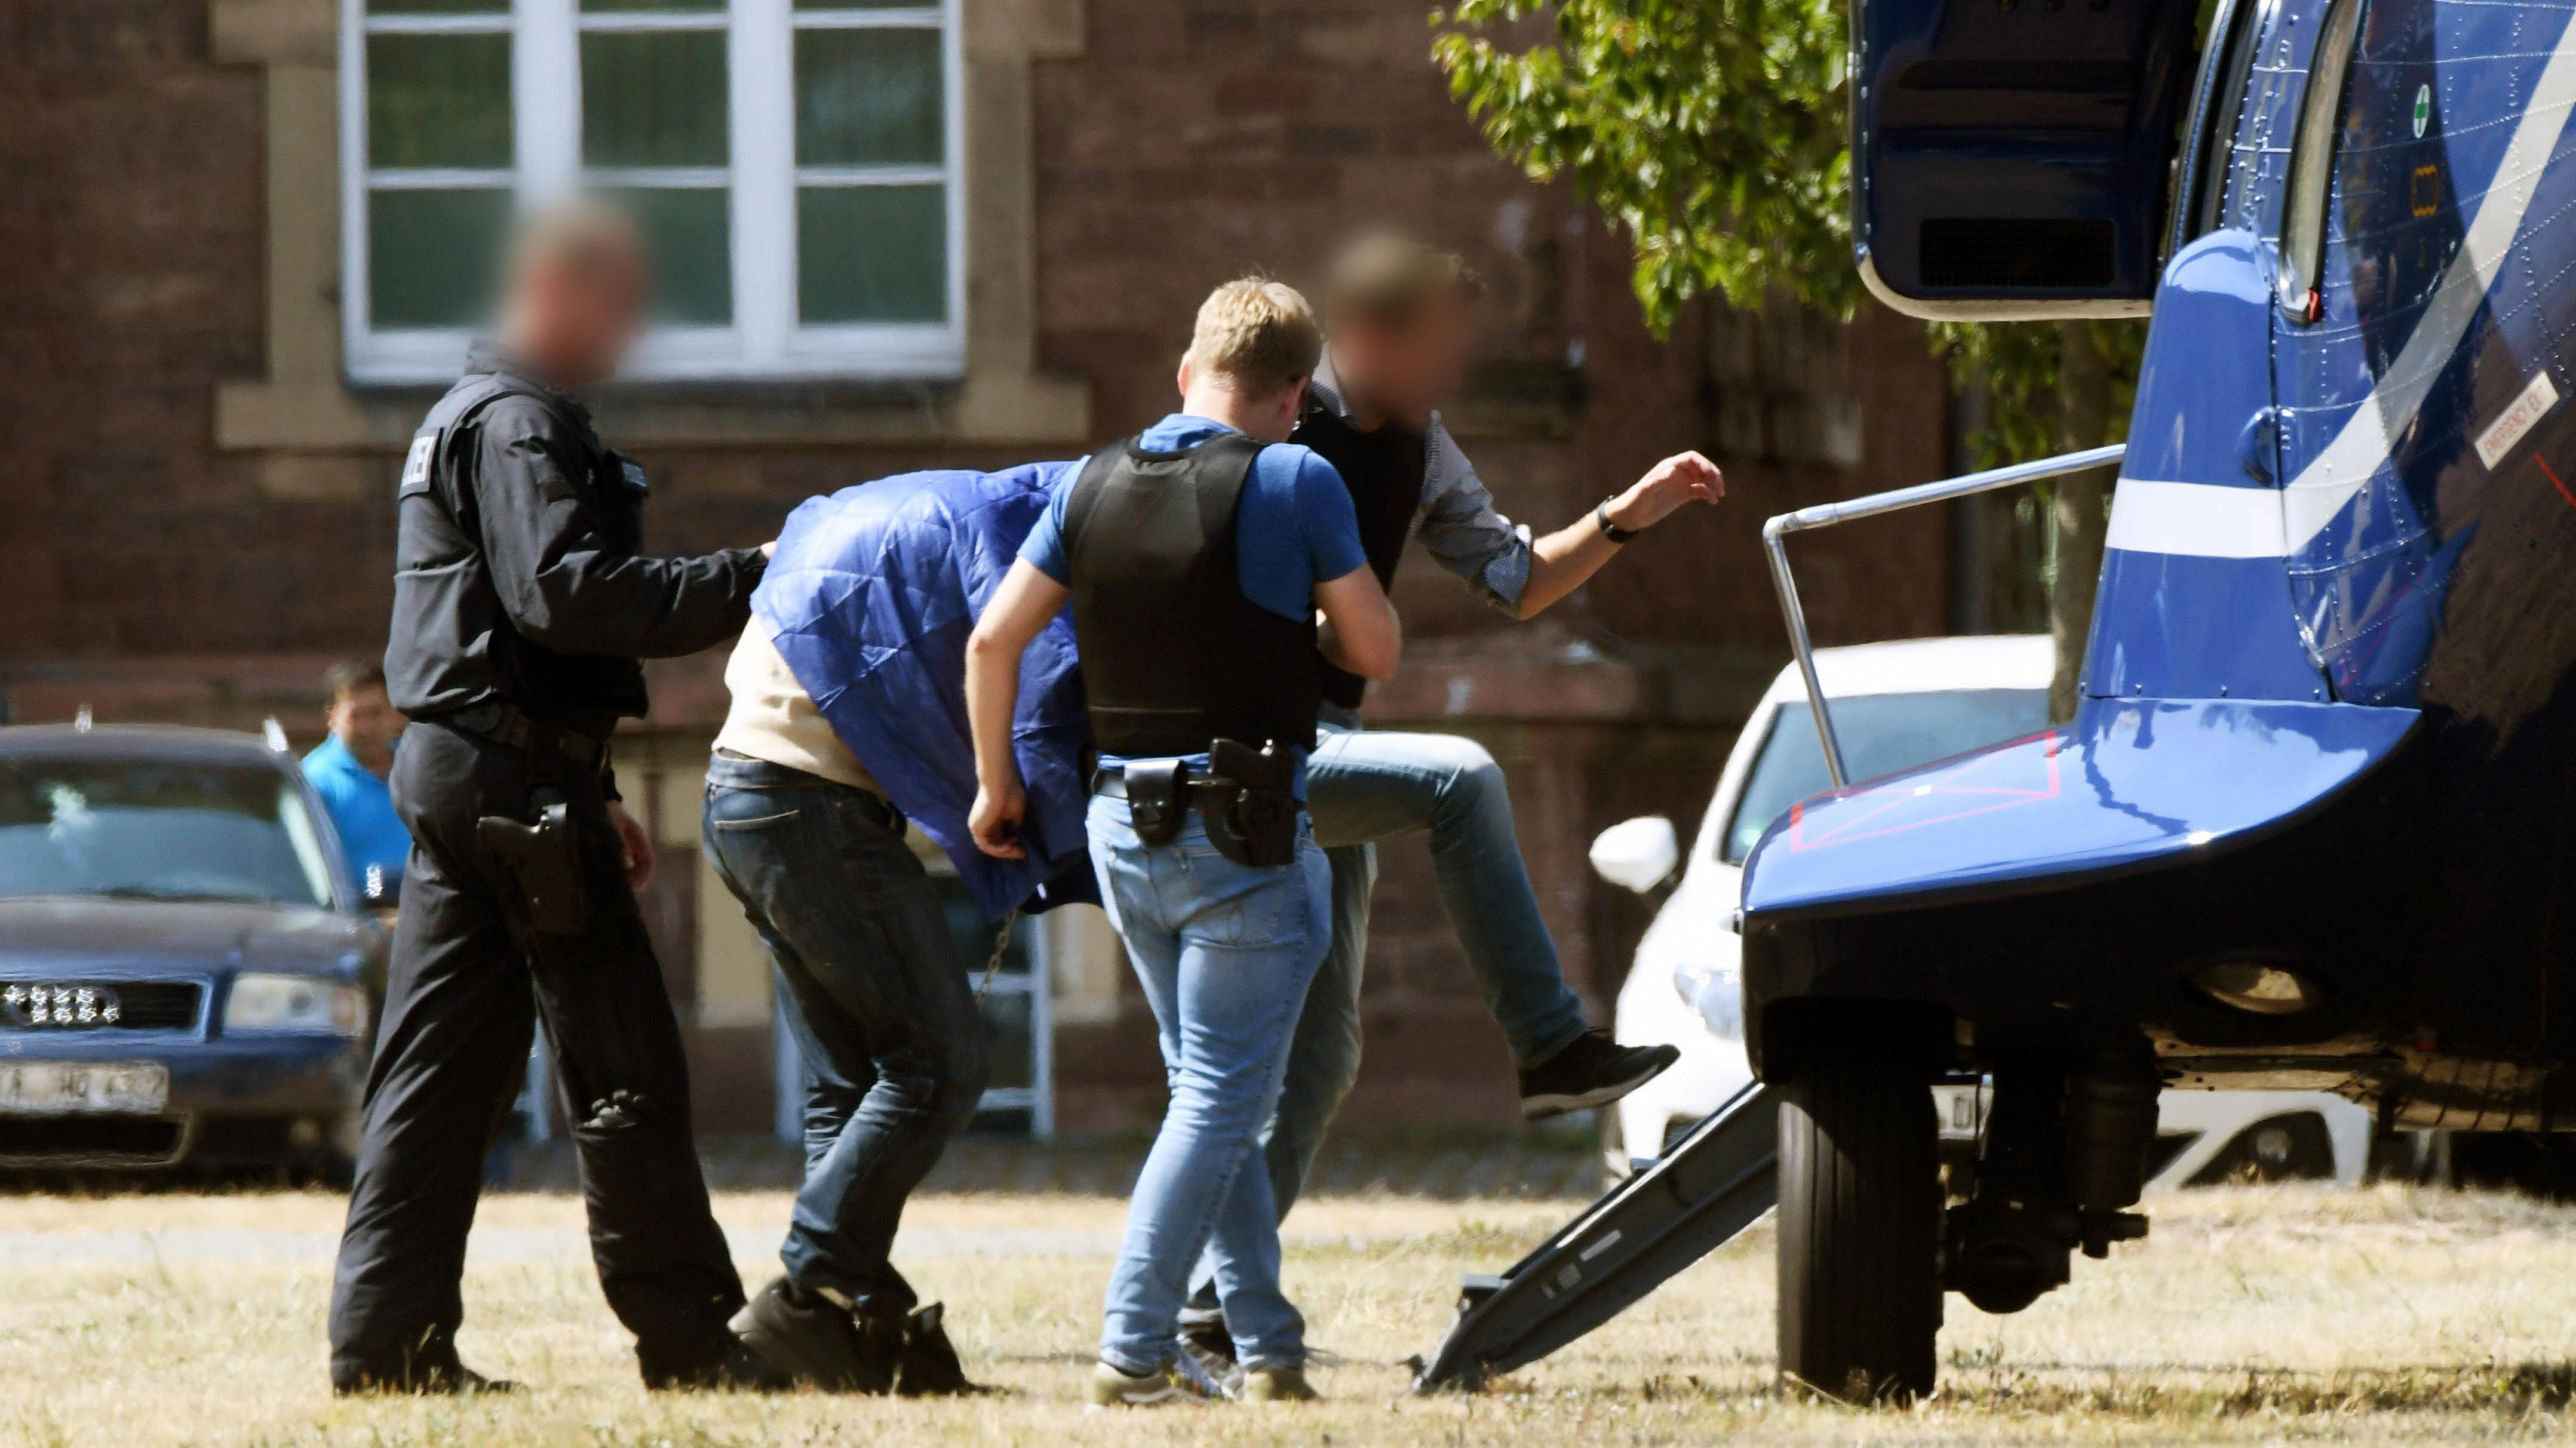 Der jetzt angeklagte Verdächtige wird von Polizisten zu einem Hubschrauber gebracht